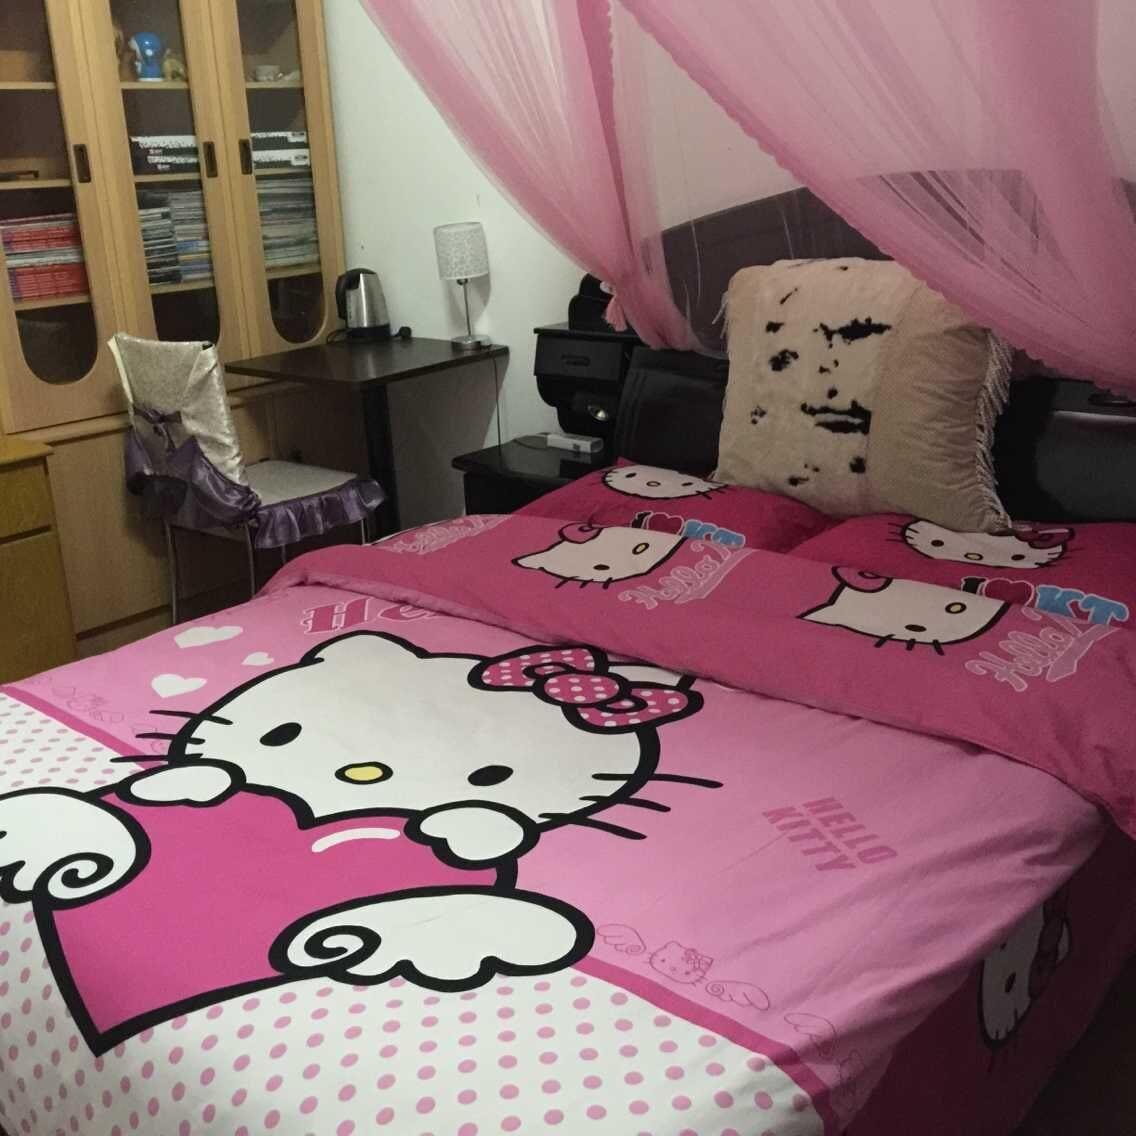 Queen Size Bedroom with plenty book